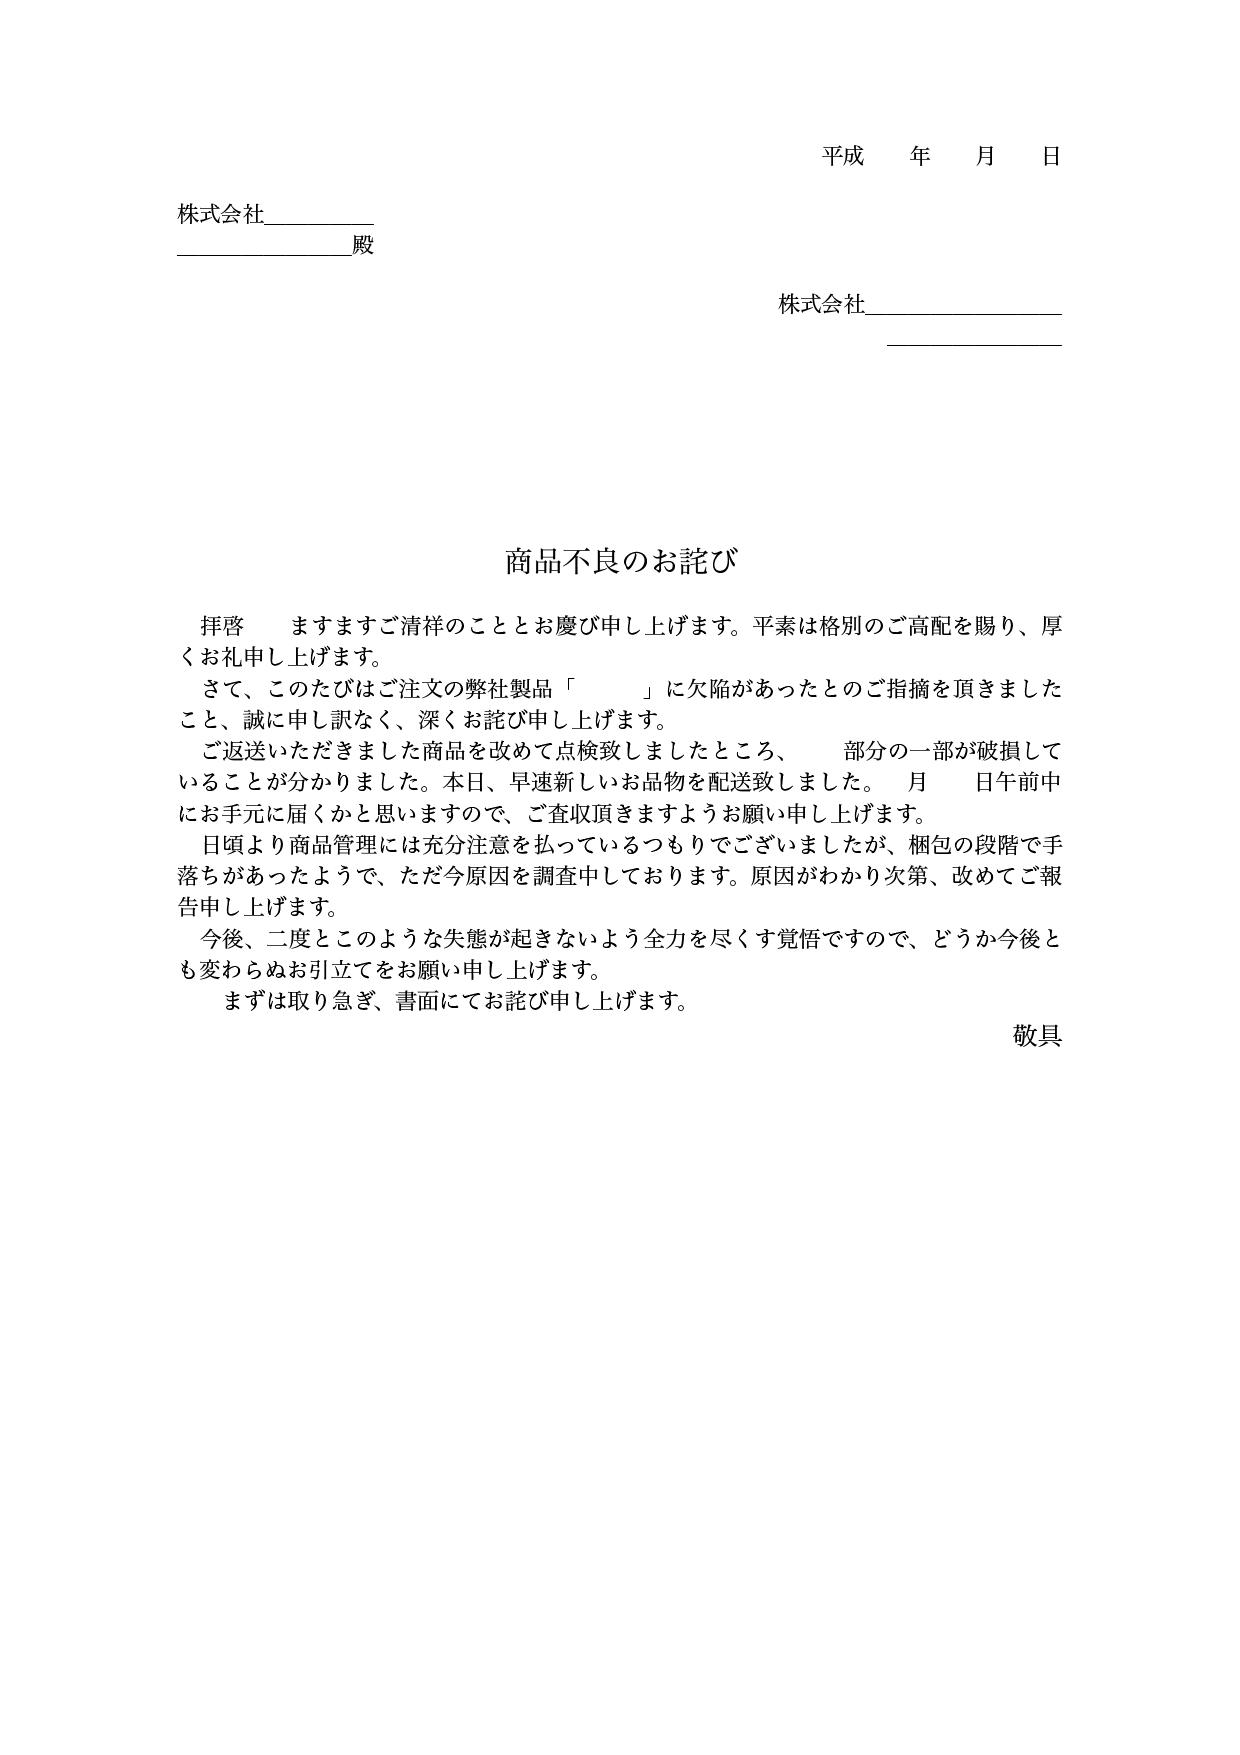 お詫び状テンプレート『商品不良』(ワード・ページズ)